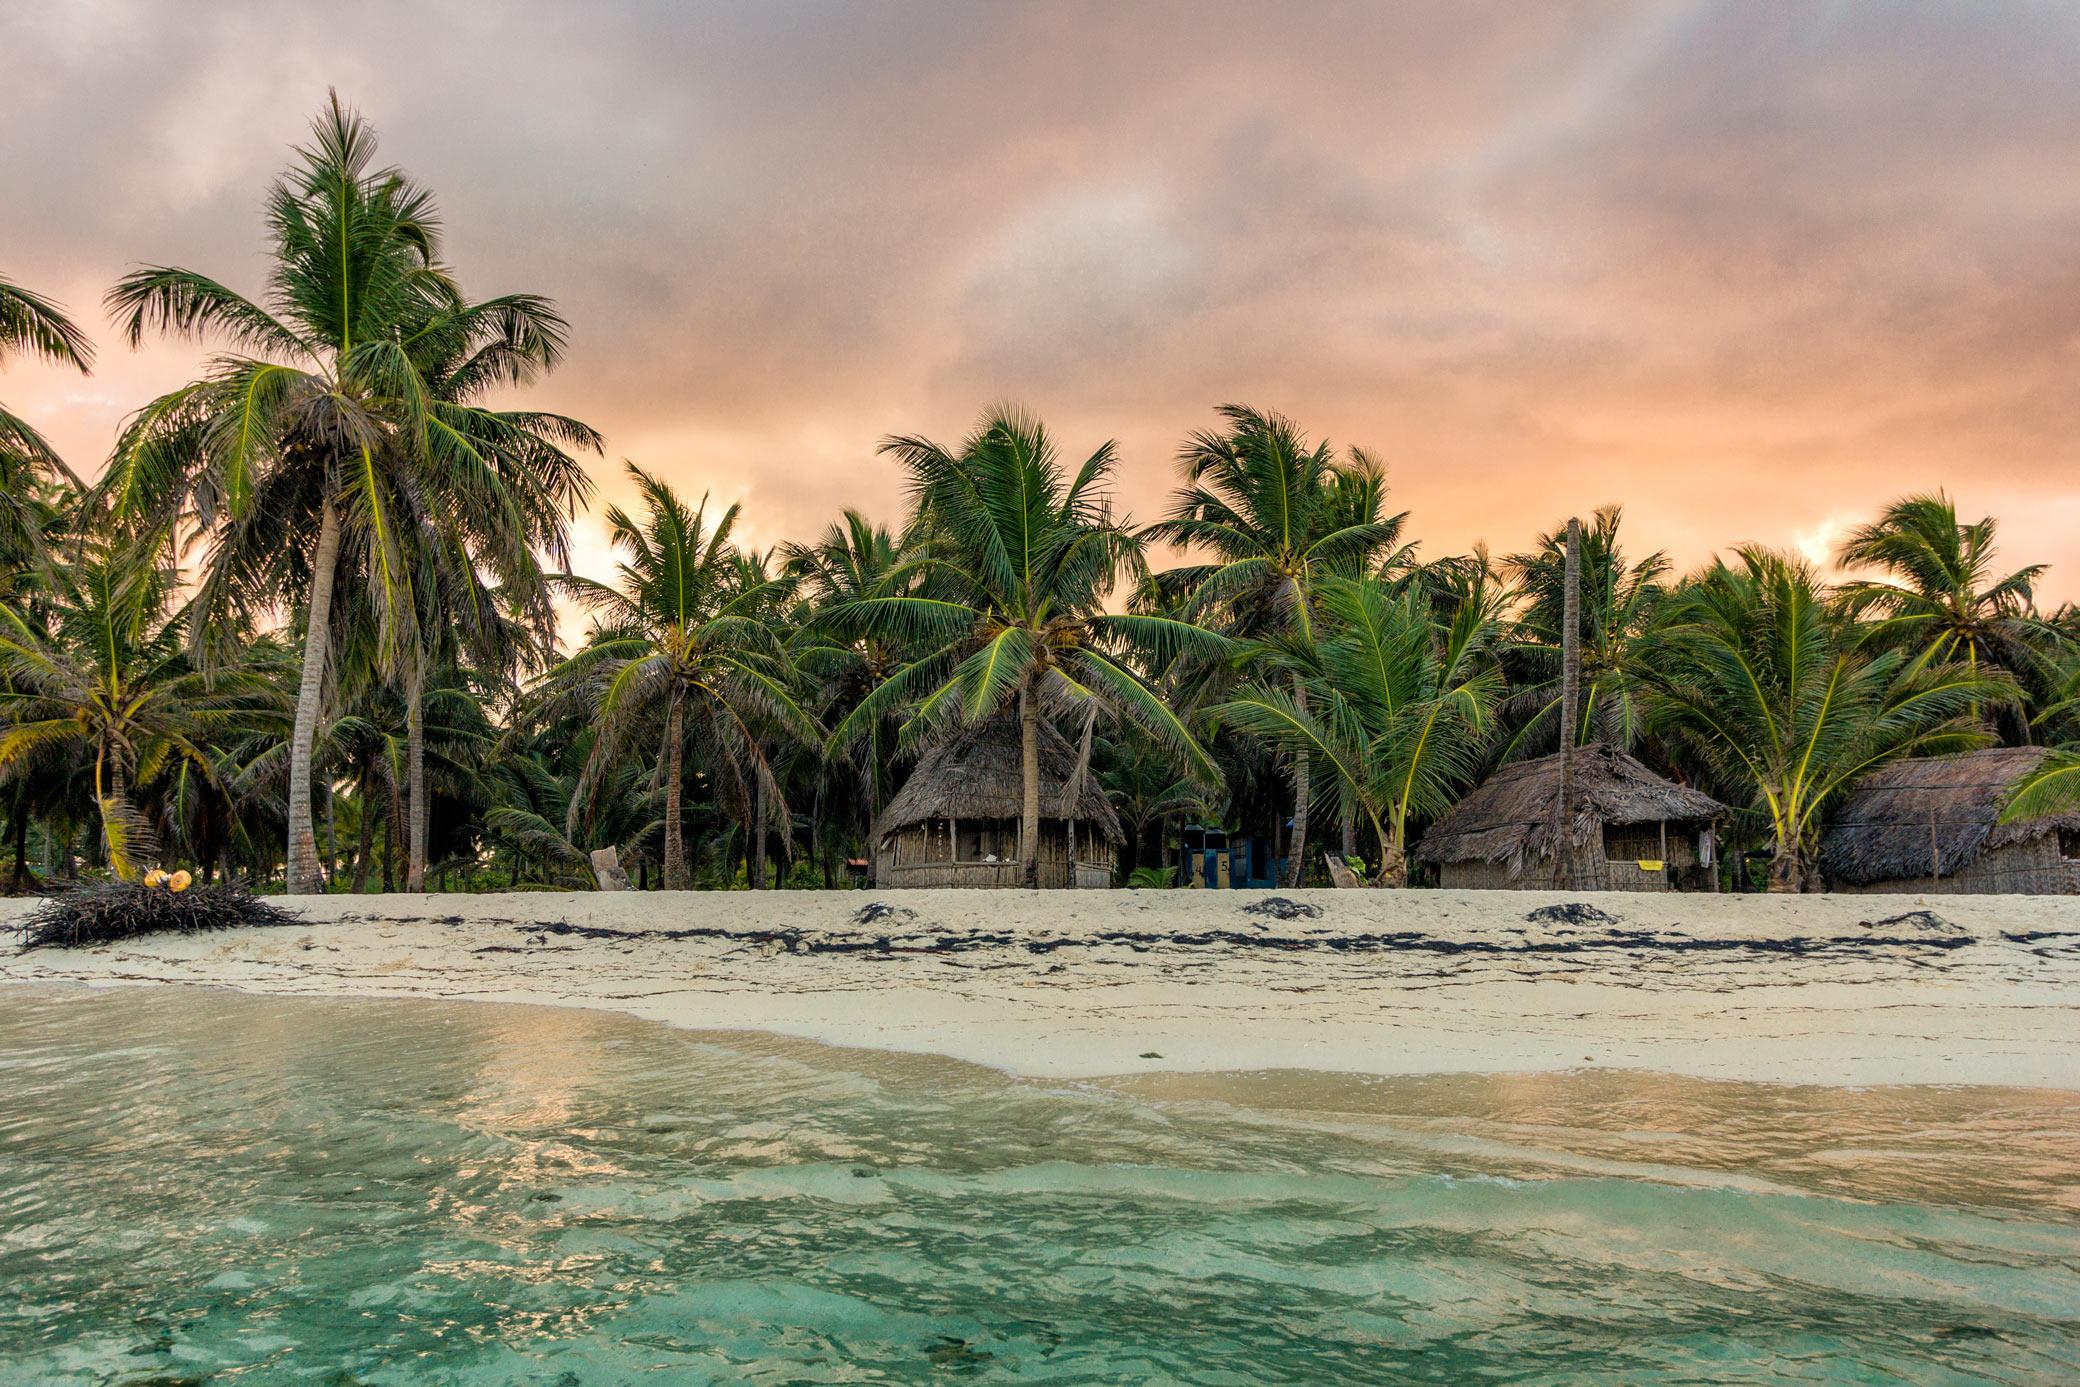 San Blas-øerne ud fra Panamas kyst er nok det tætteste på paradis man kan komme i Mellemamerika.